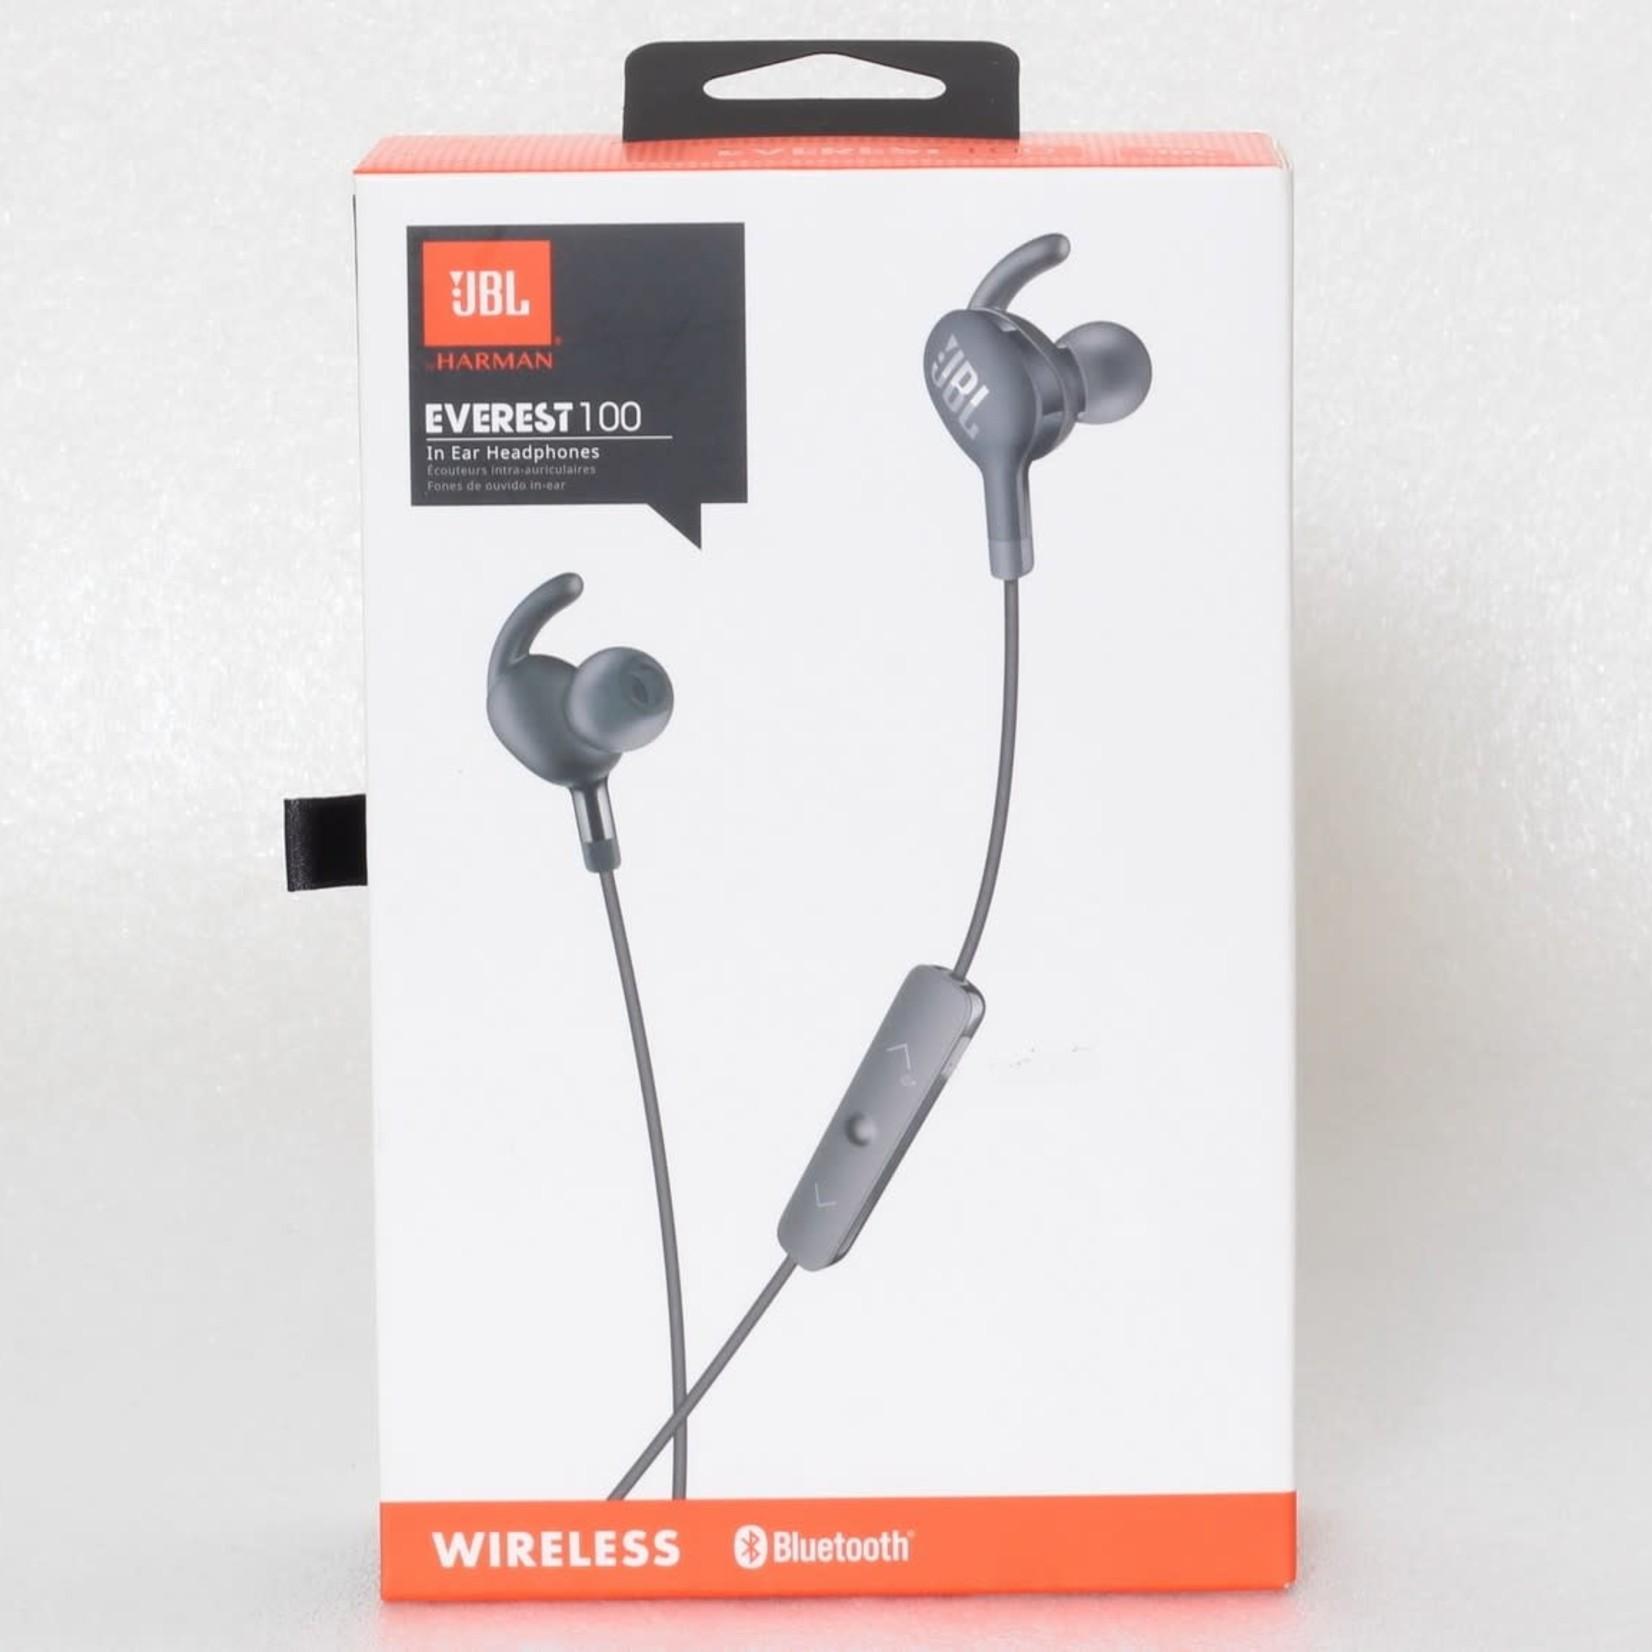 JBL by Harman Everest 100 Wireless Bluetooth In Ear Headphones